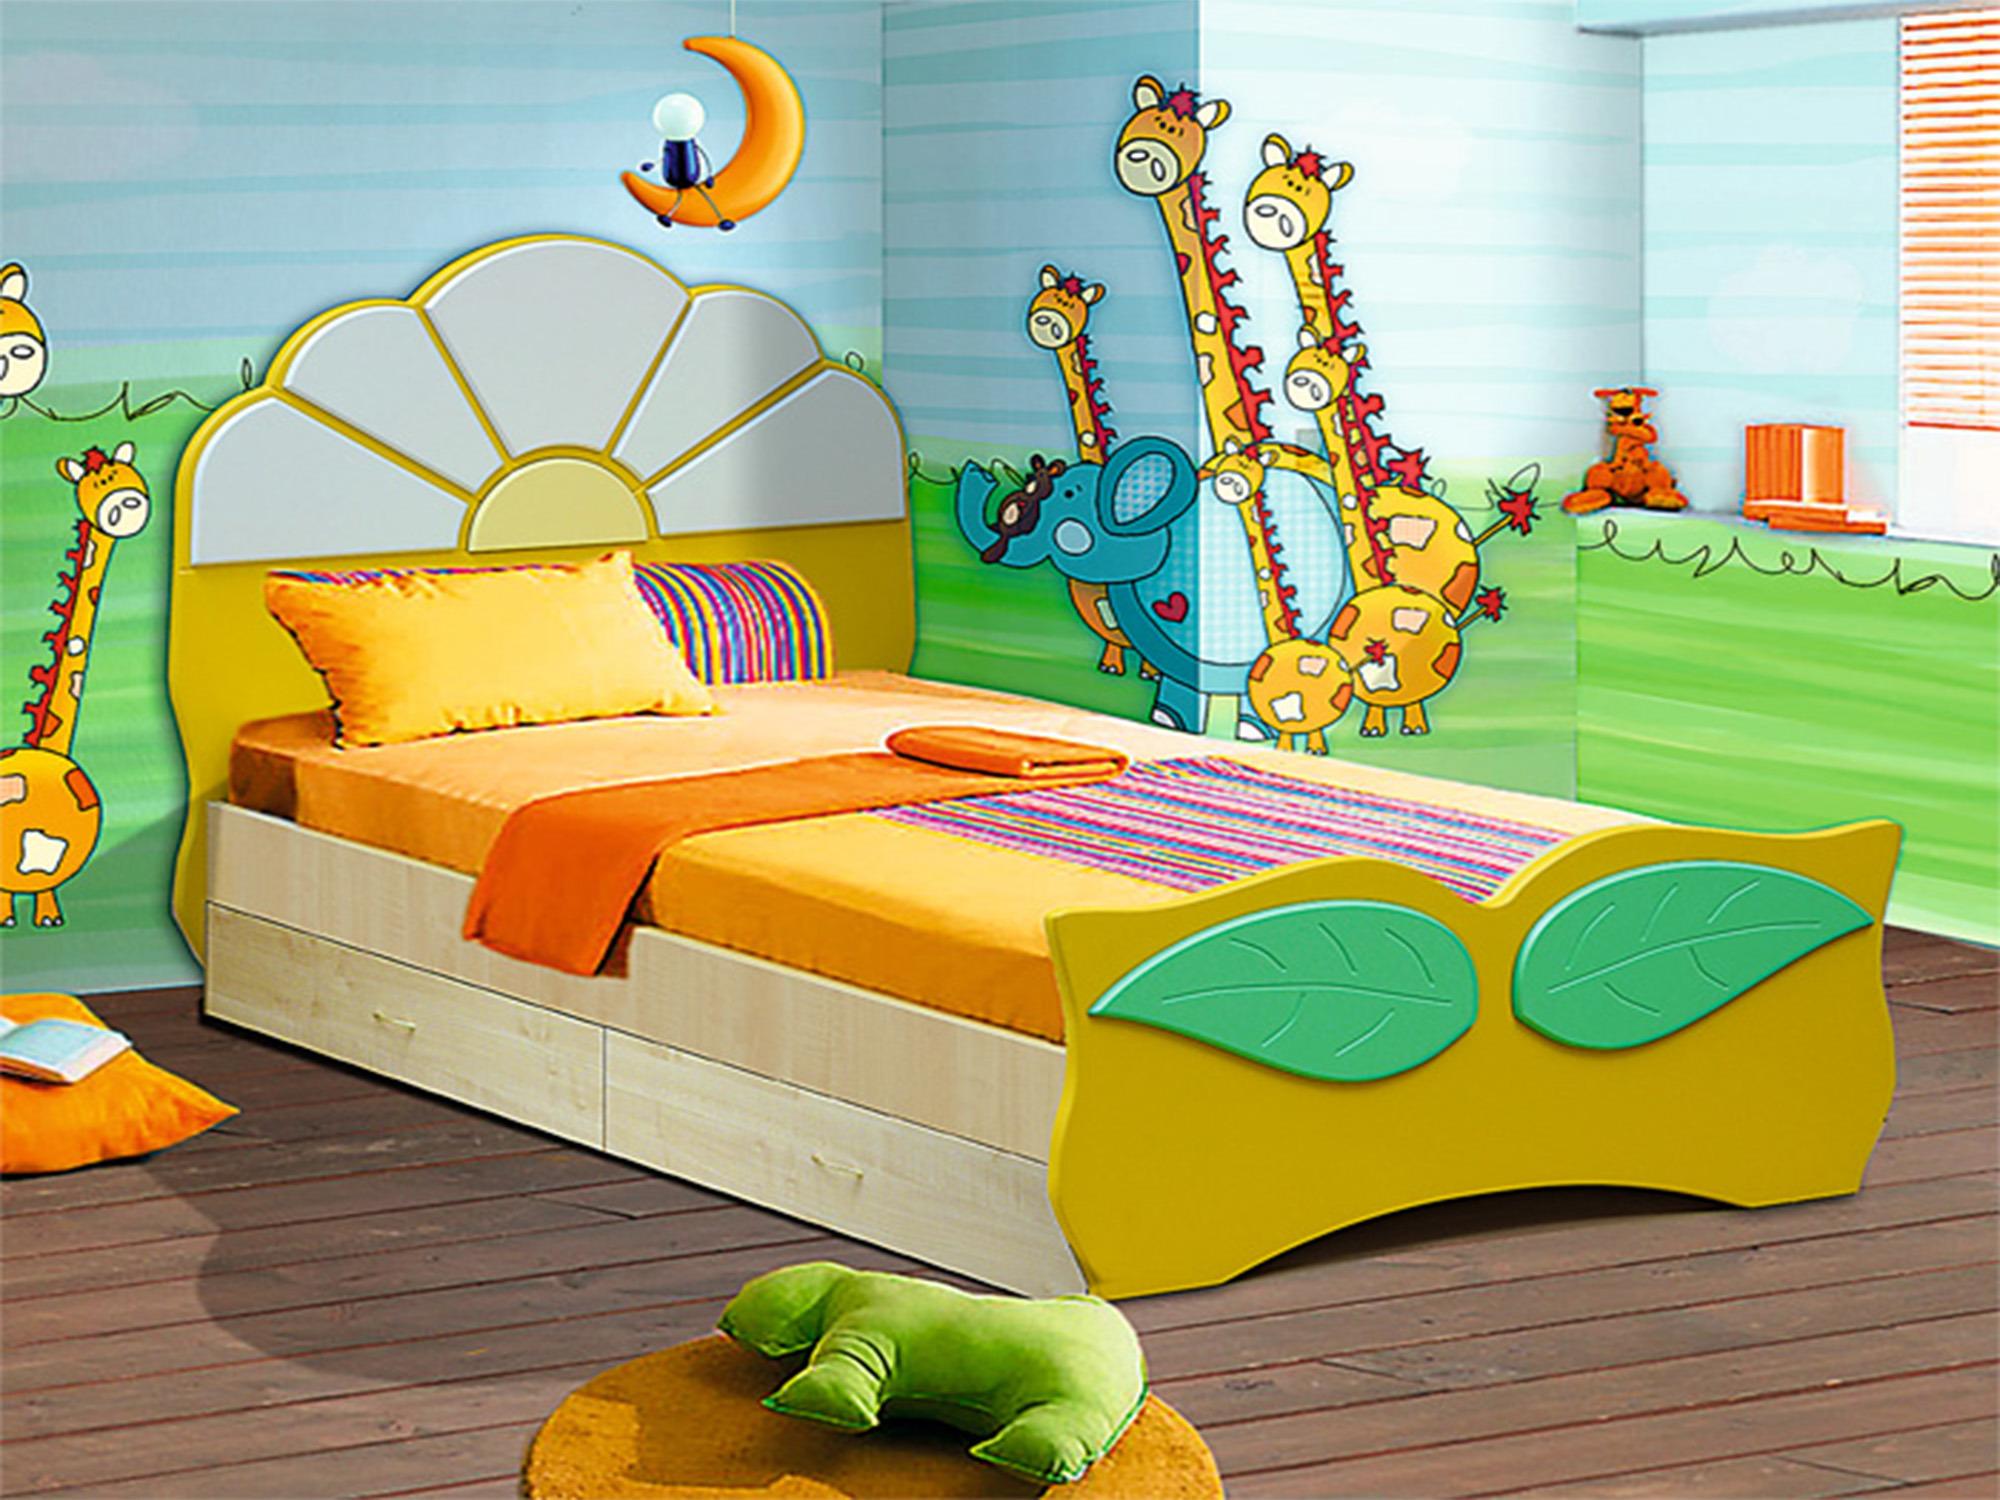 Кровать Ромашка с ящикамиДетские кровати<br><br><br>Длина мм: 910<br>Высота мм: 910<br>Глубина мм: 1750